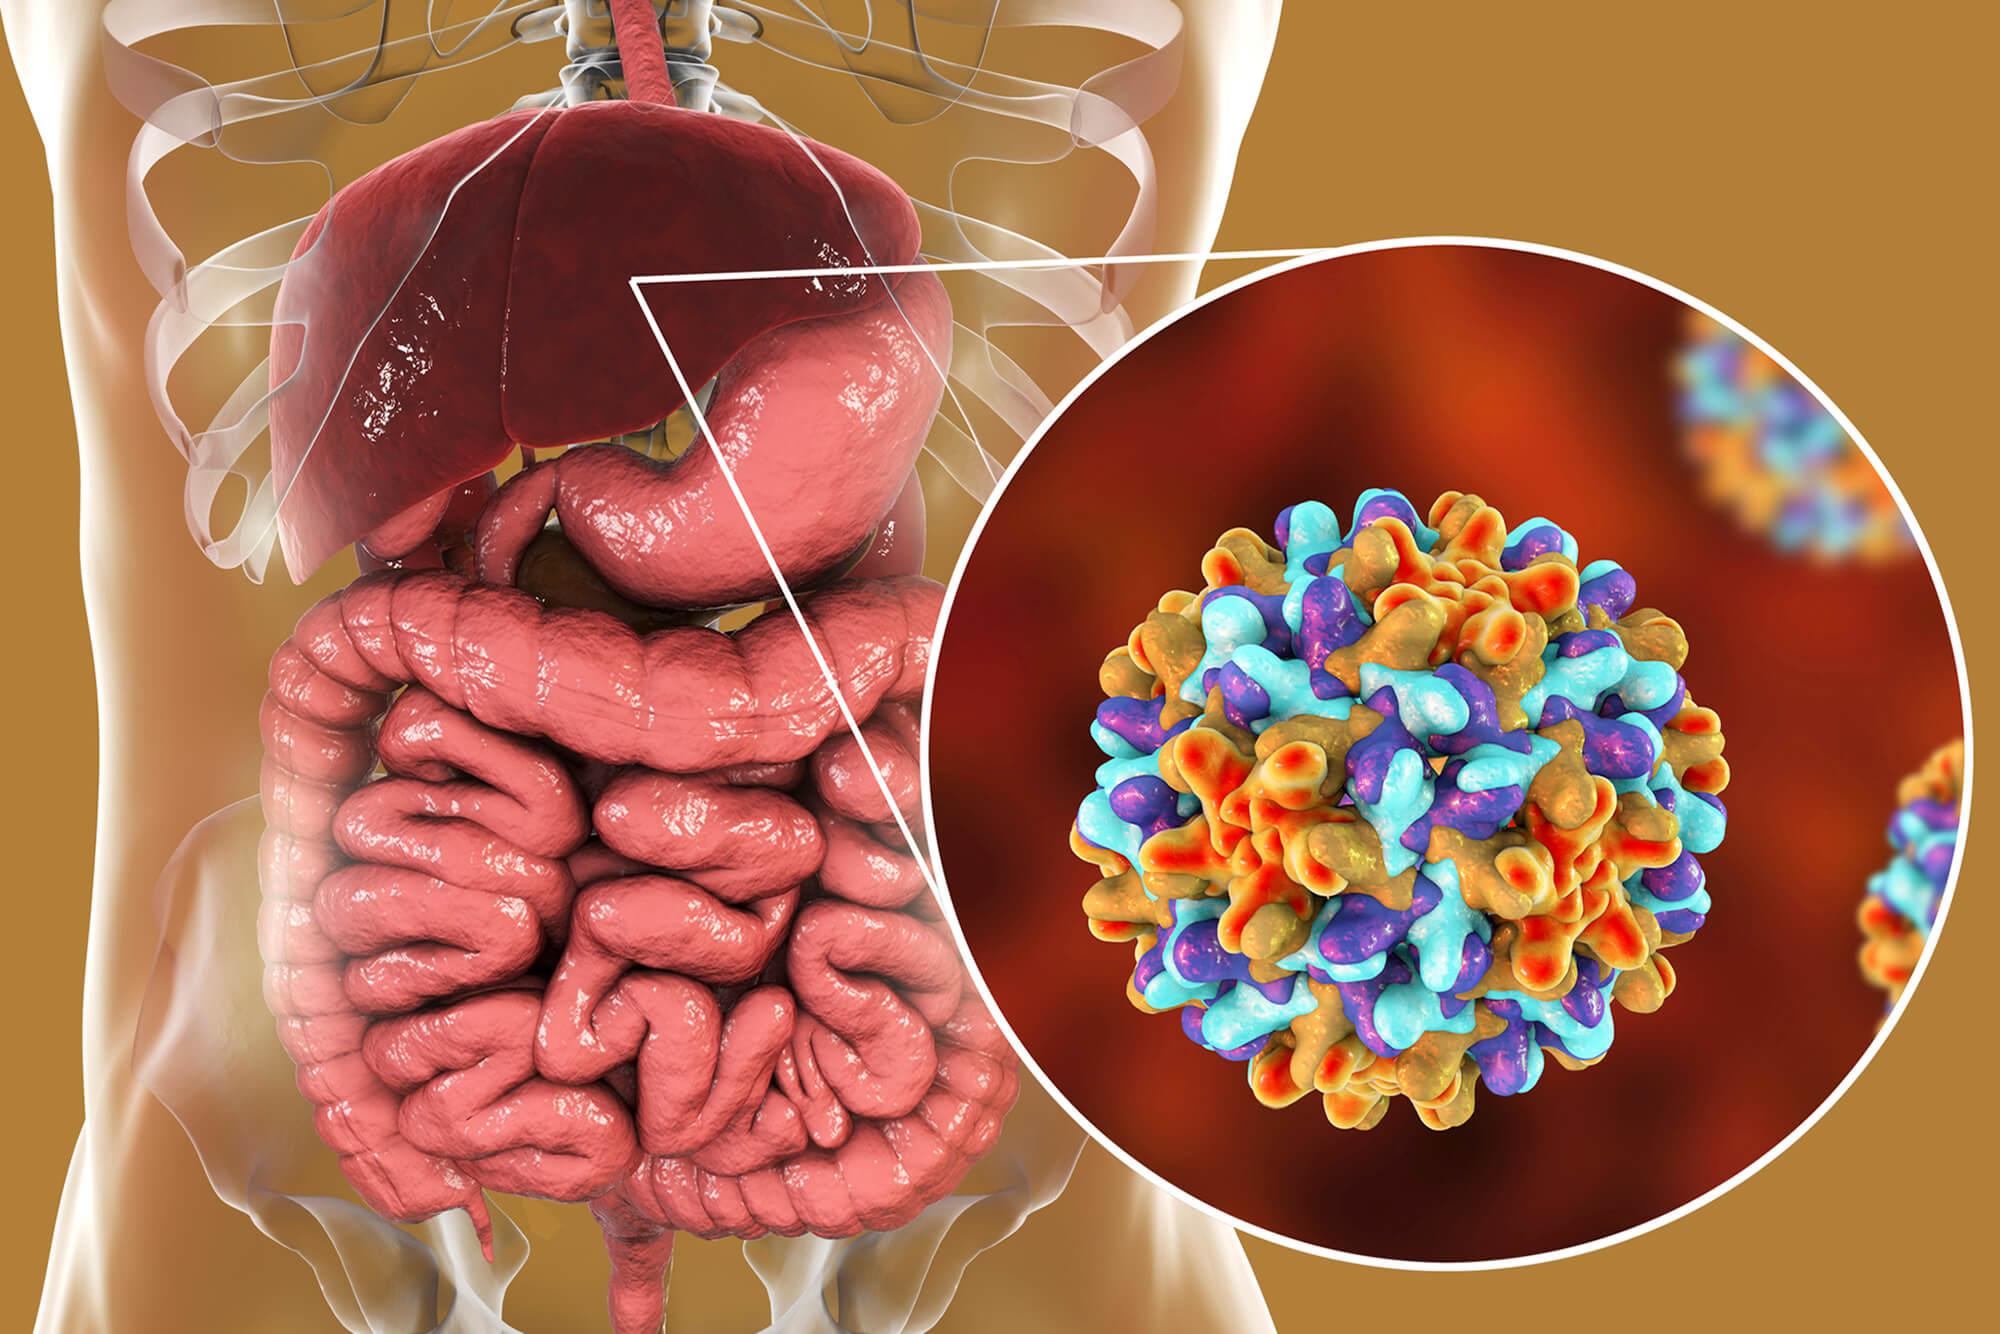 TÌM HIỂU] Vi-rút viêm gan B sống bao lâu trong các môi trường?